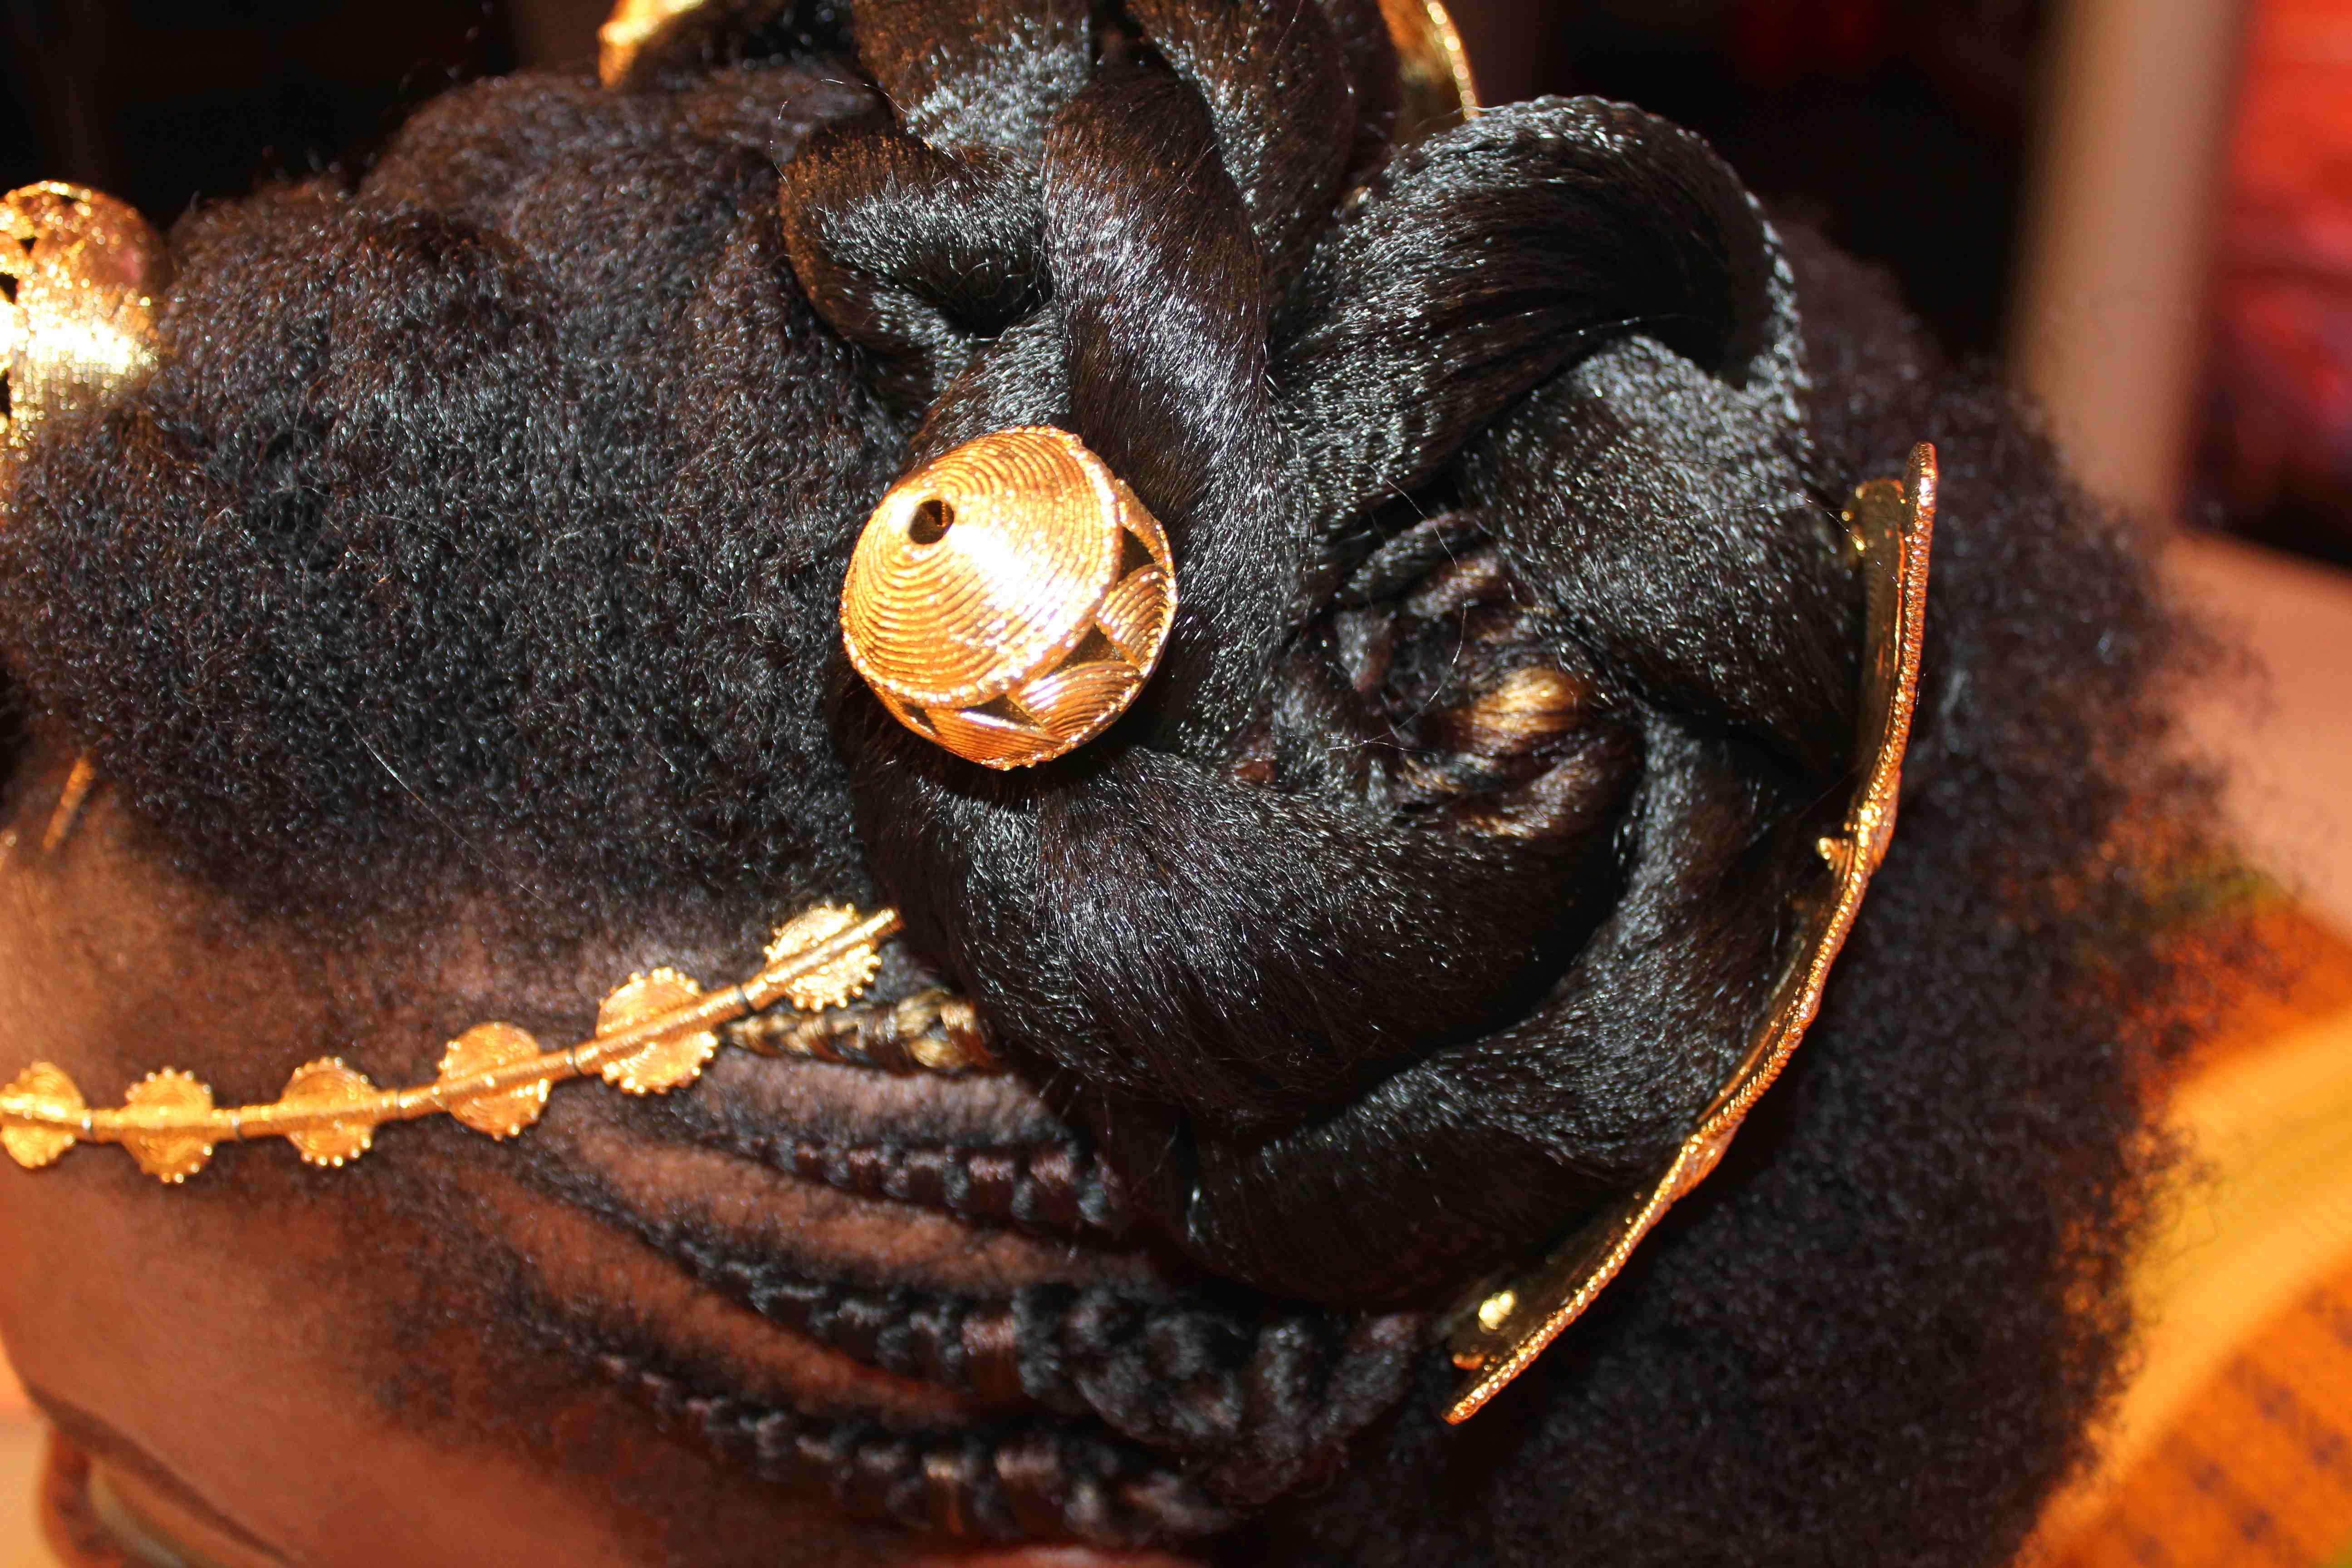 coiffure mariage akan- akan weddind hairstyle